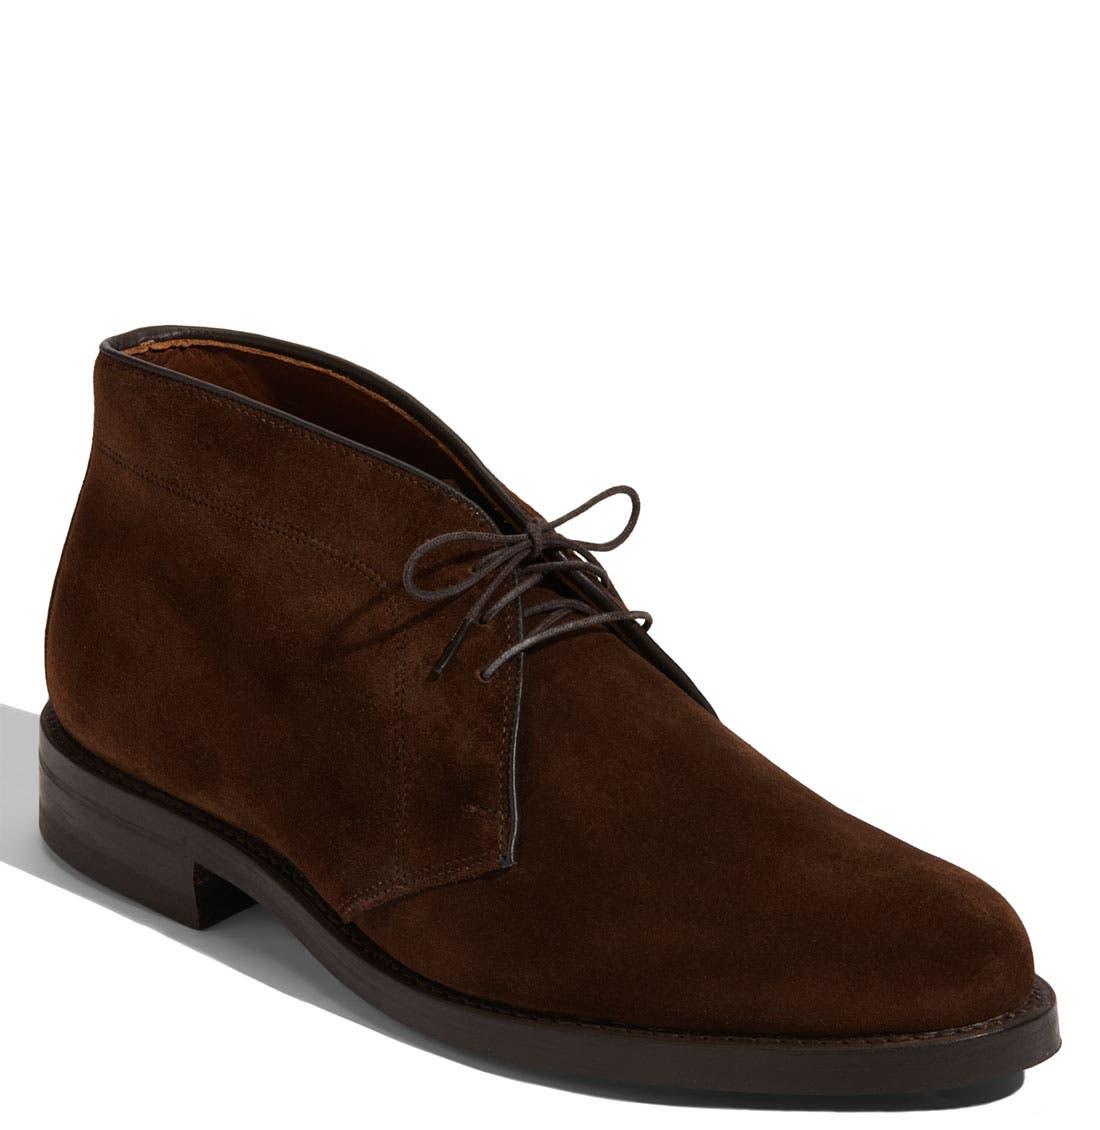 Alternate Image 1 Selected - Allen Edmonds 'Malvern' Chukka Boot